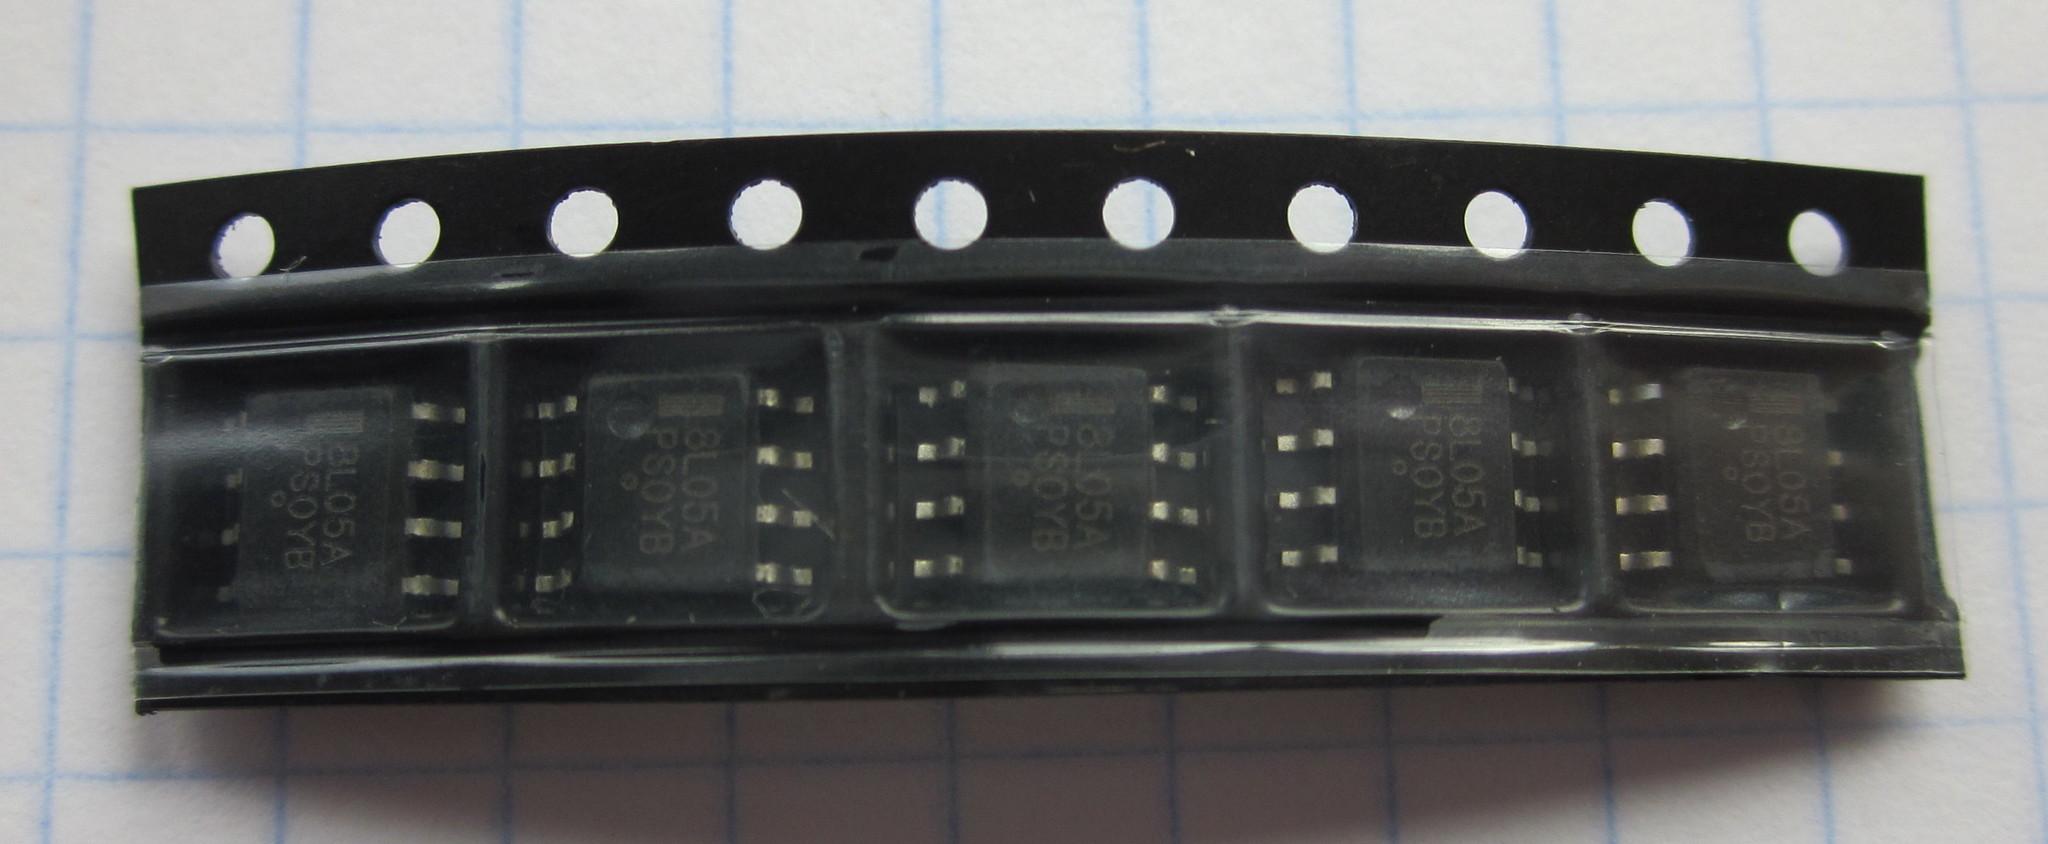 78L05 so-8